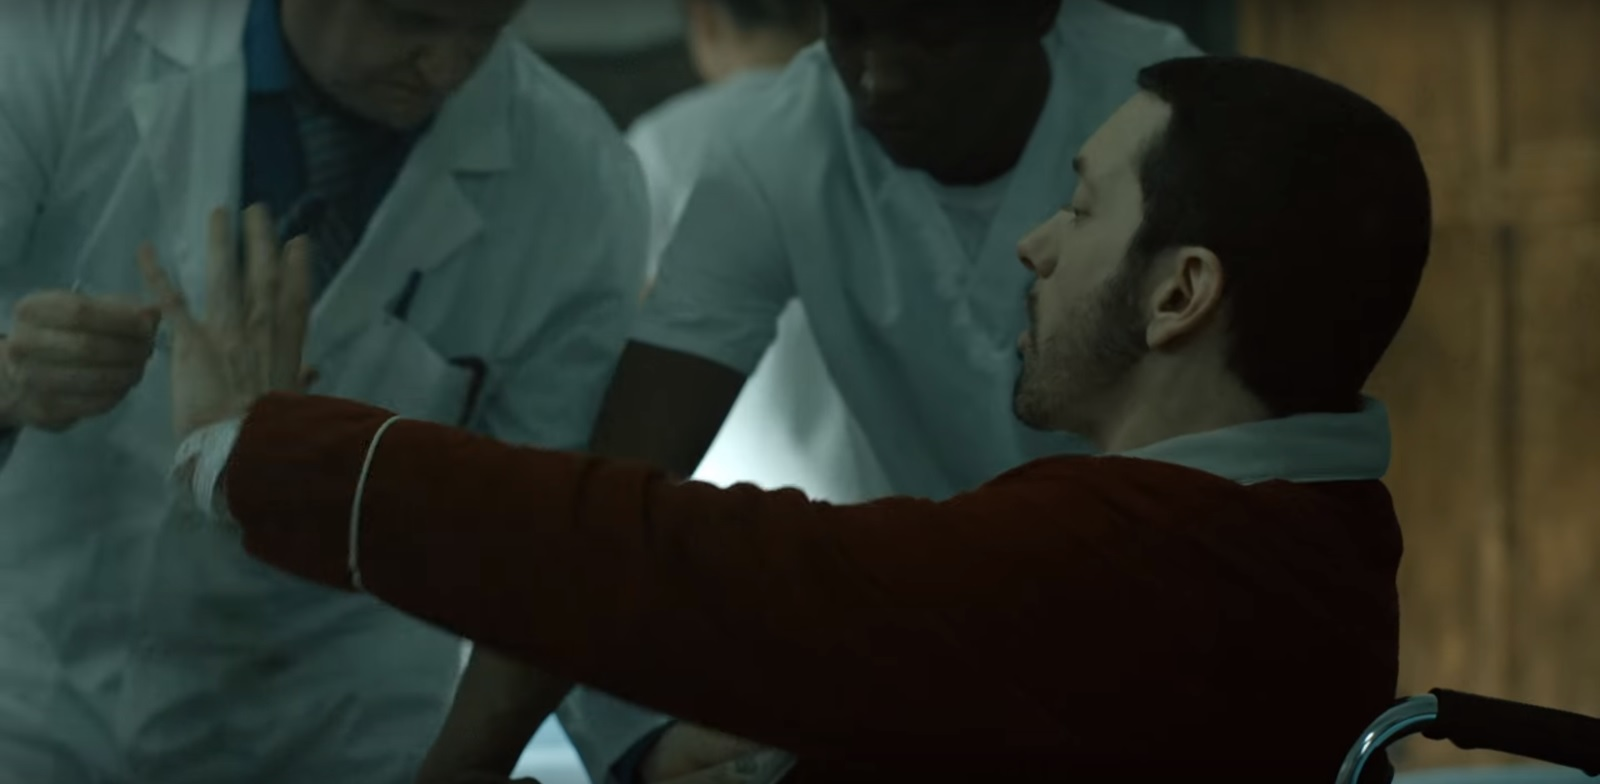 Eminem - Framed [Video] - rap.de